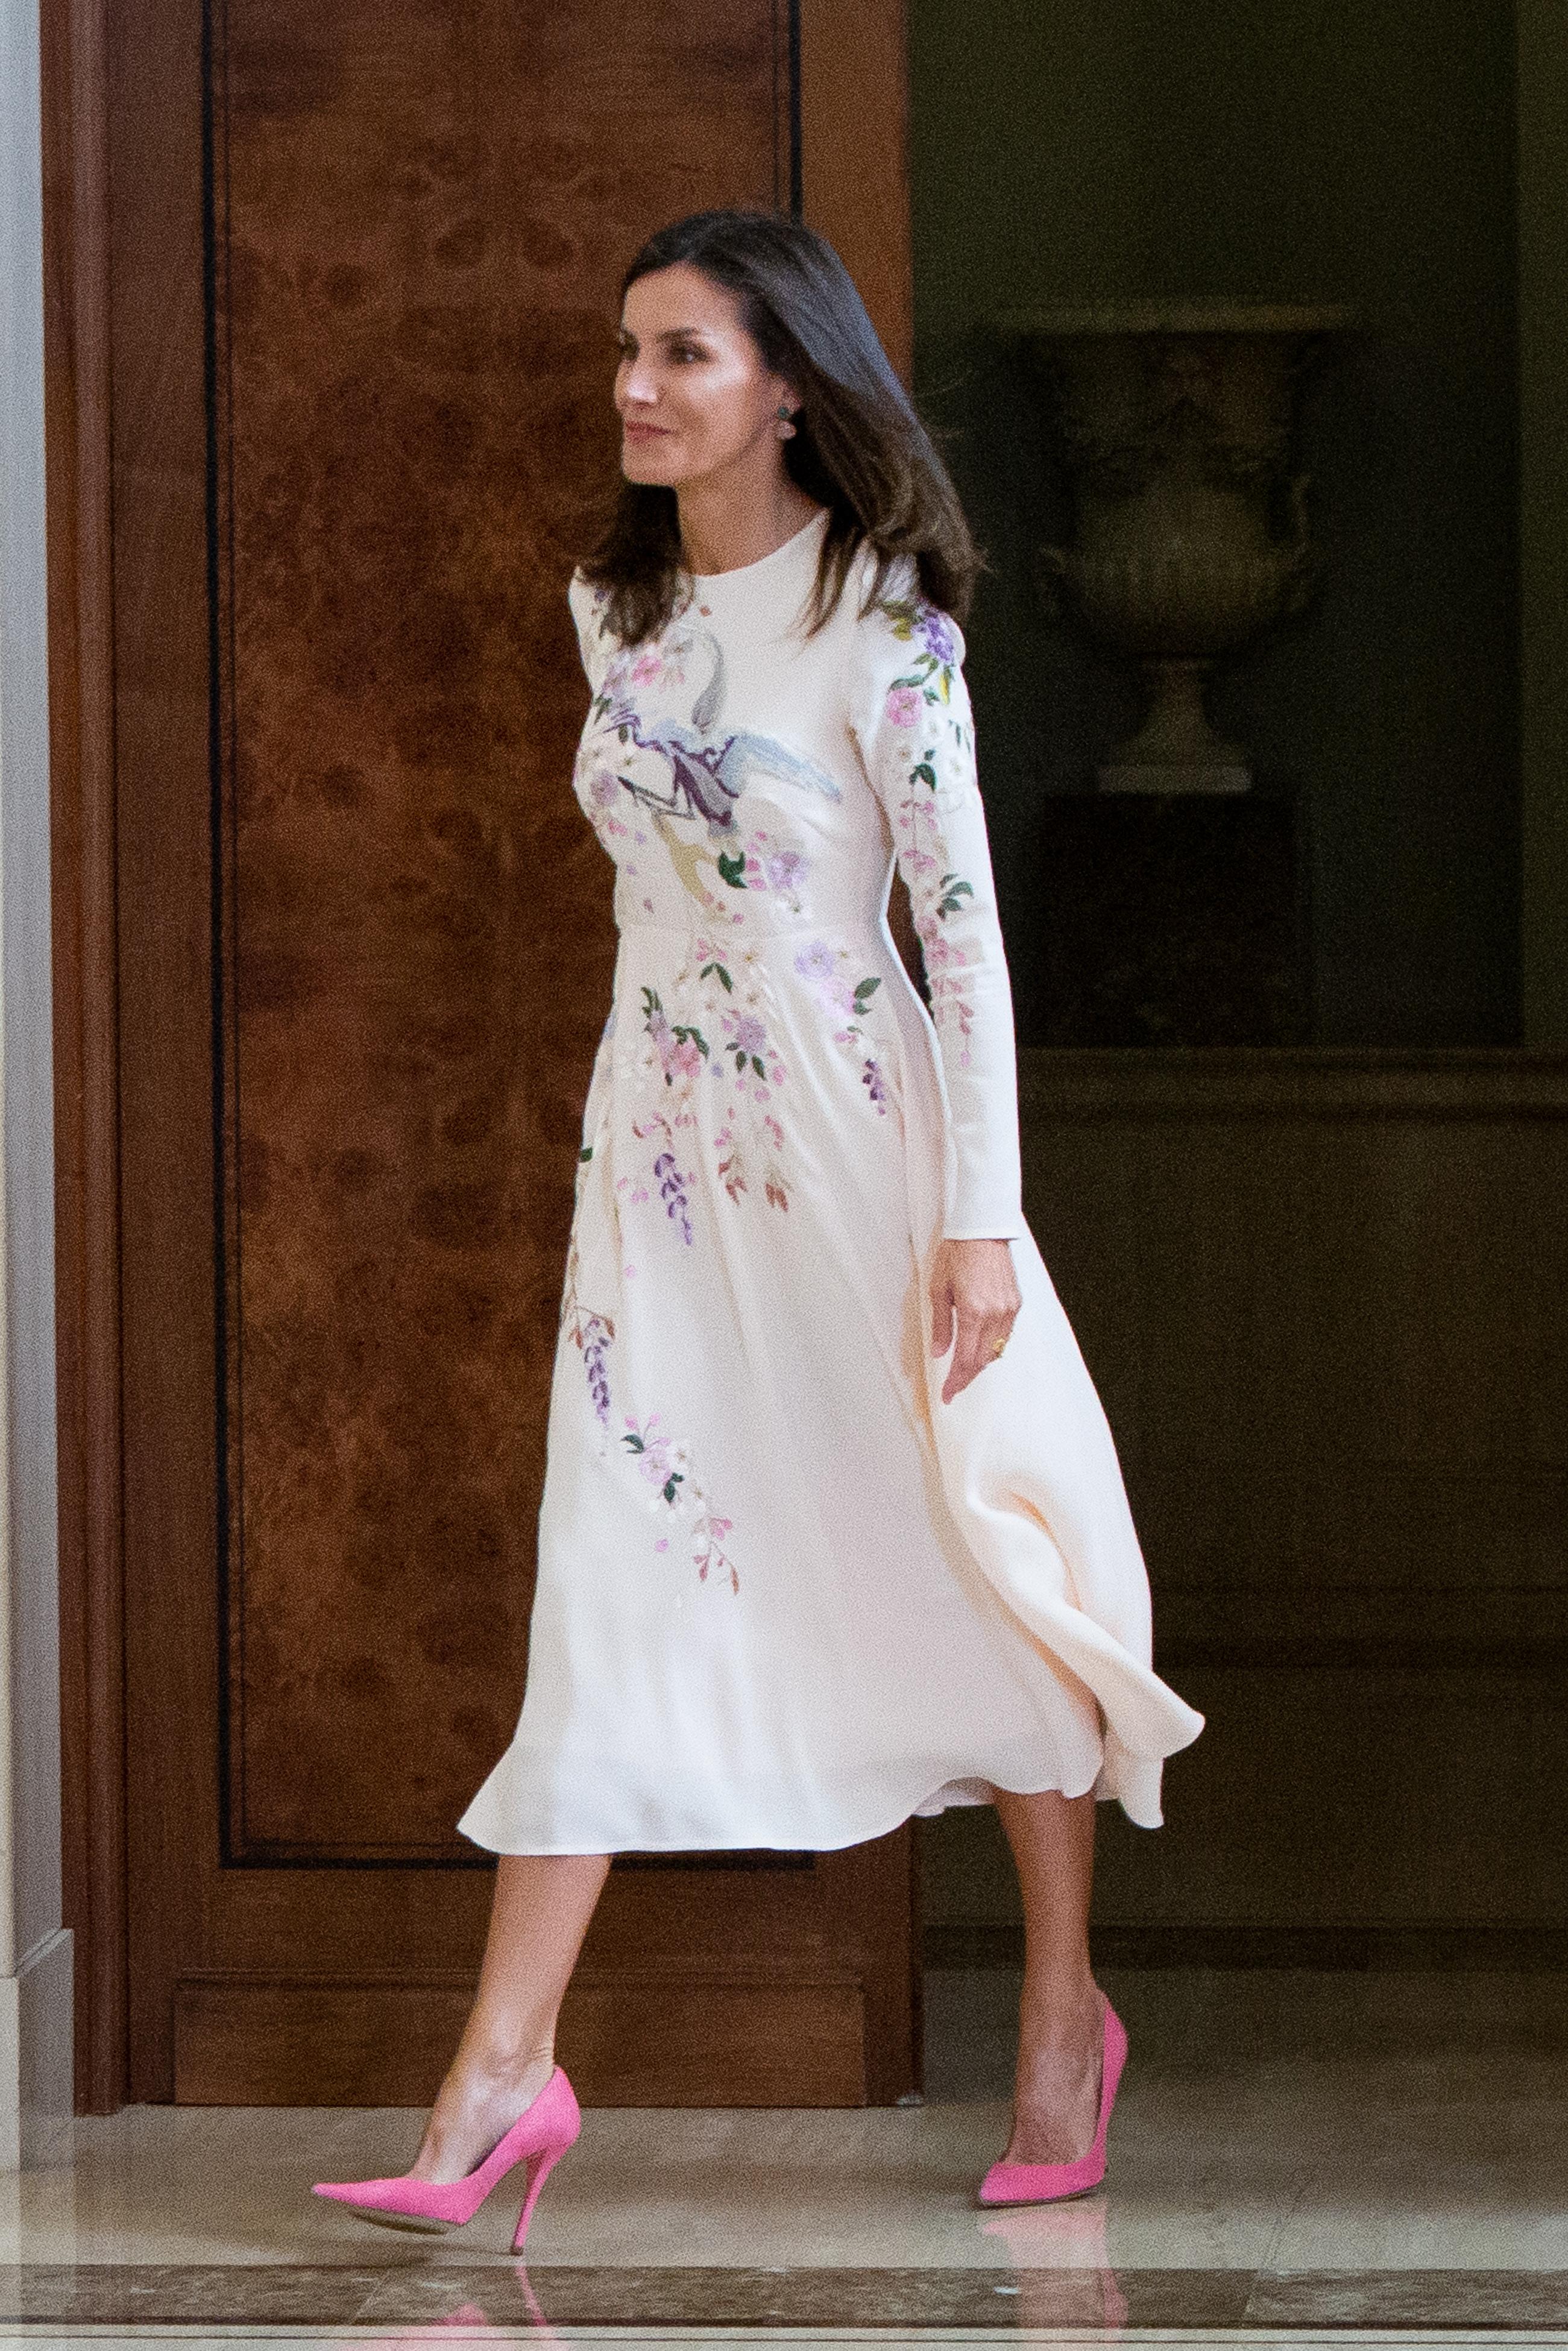 La reina letizia, españa, looks